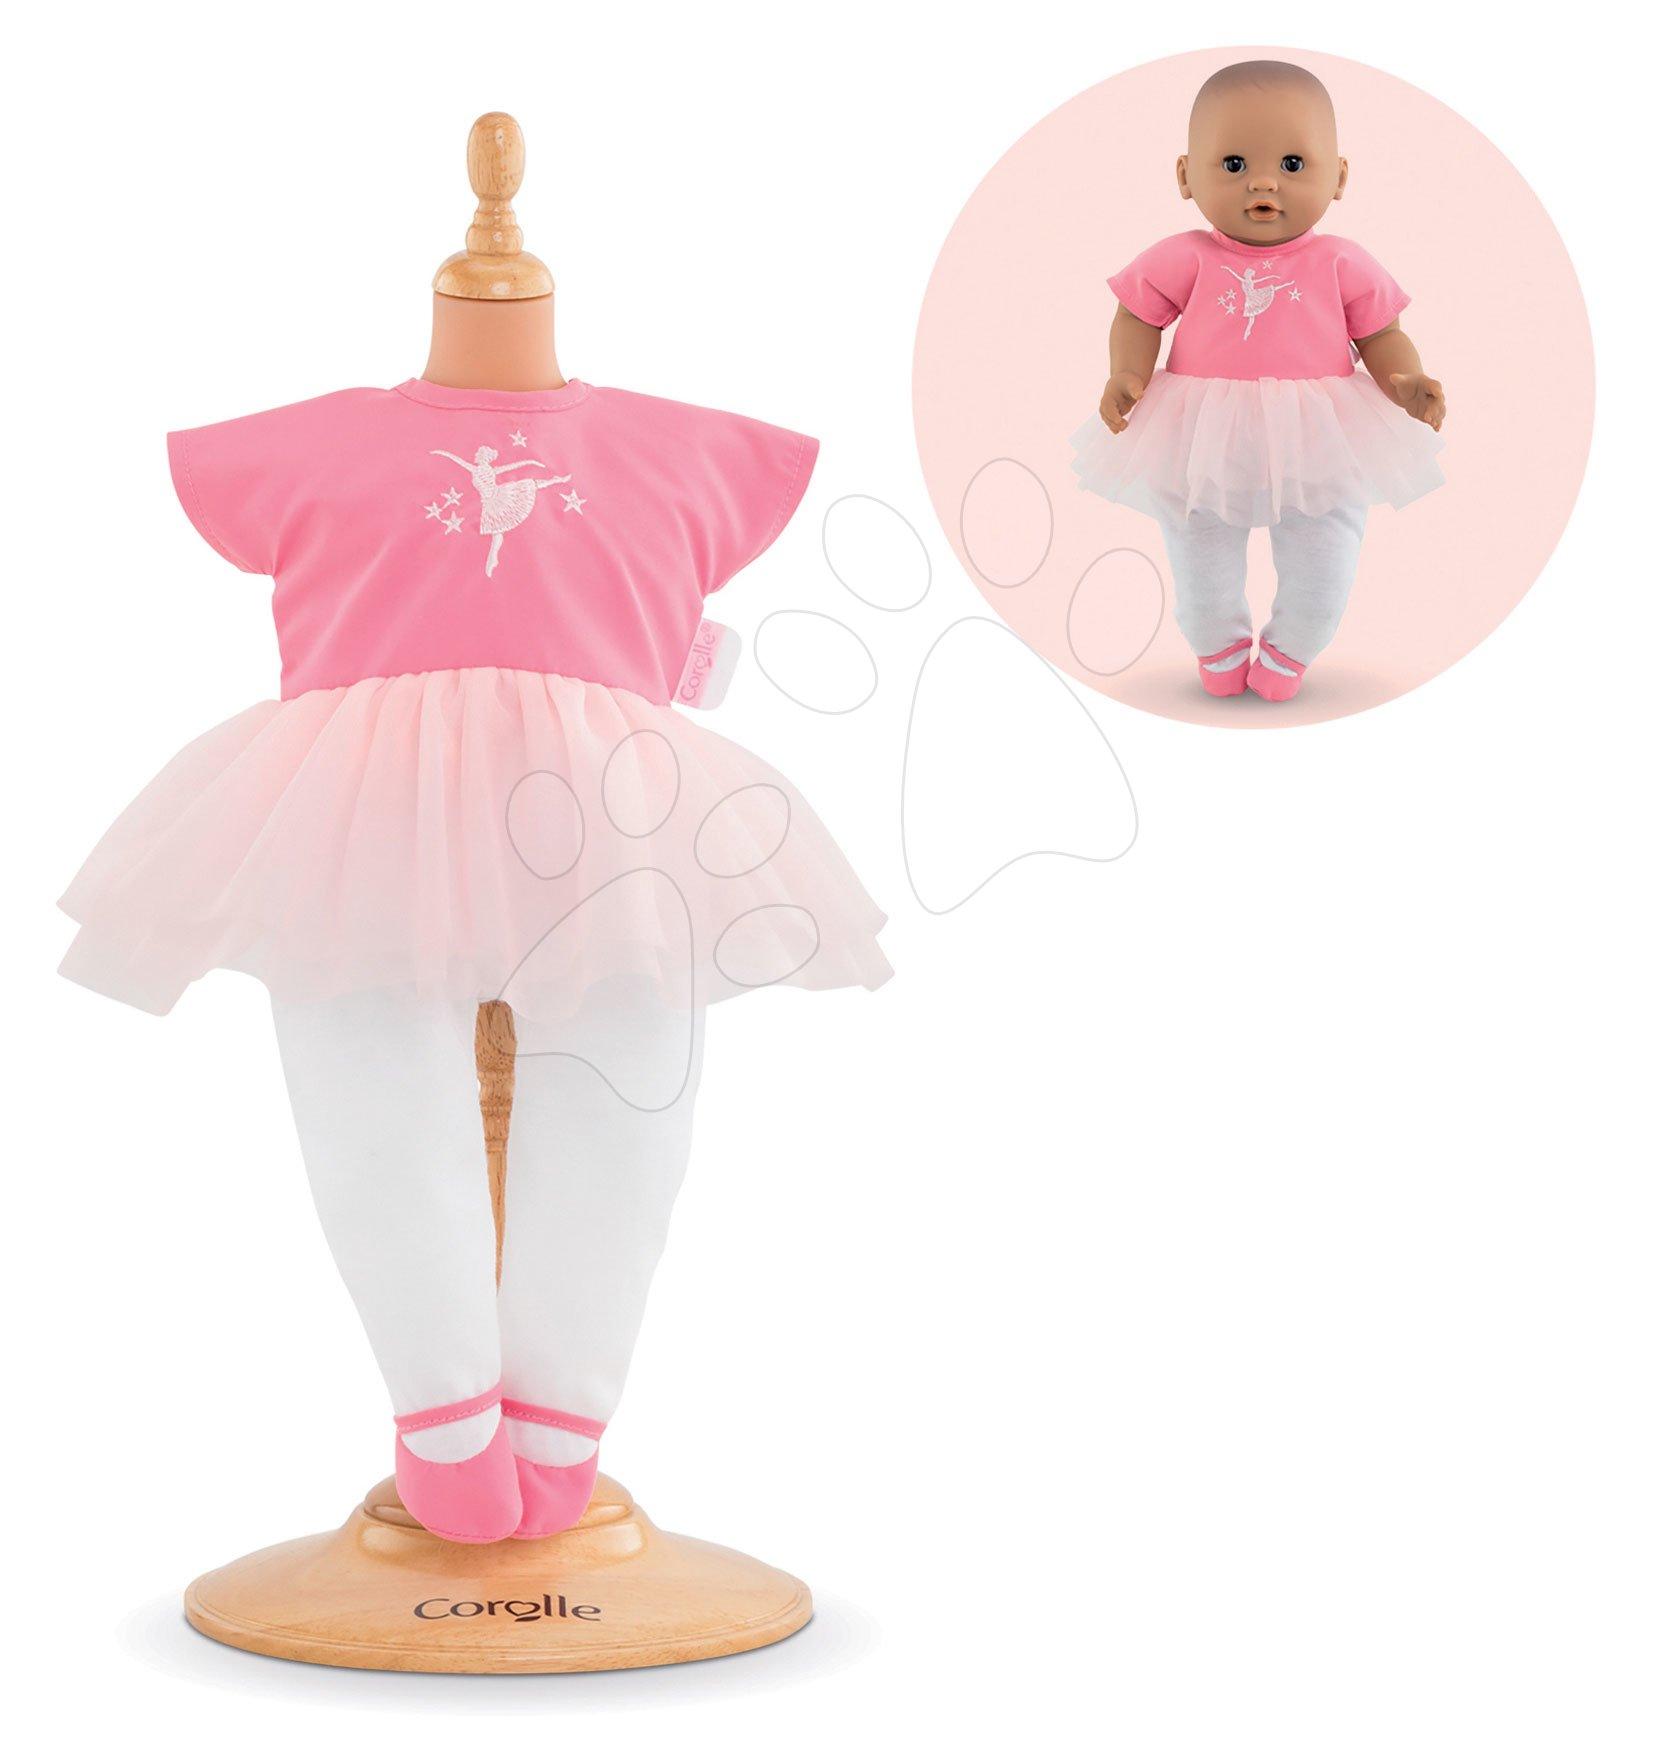 Oblečenie Ballerine Opera Corolle pre 30 cm bábiku od 18 mes